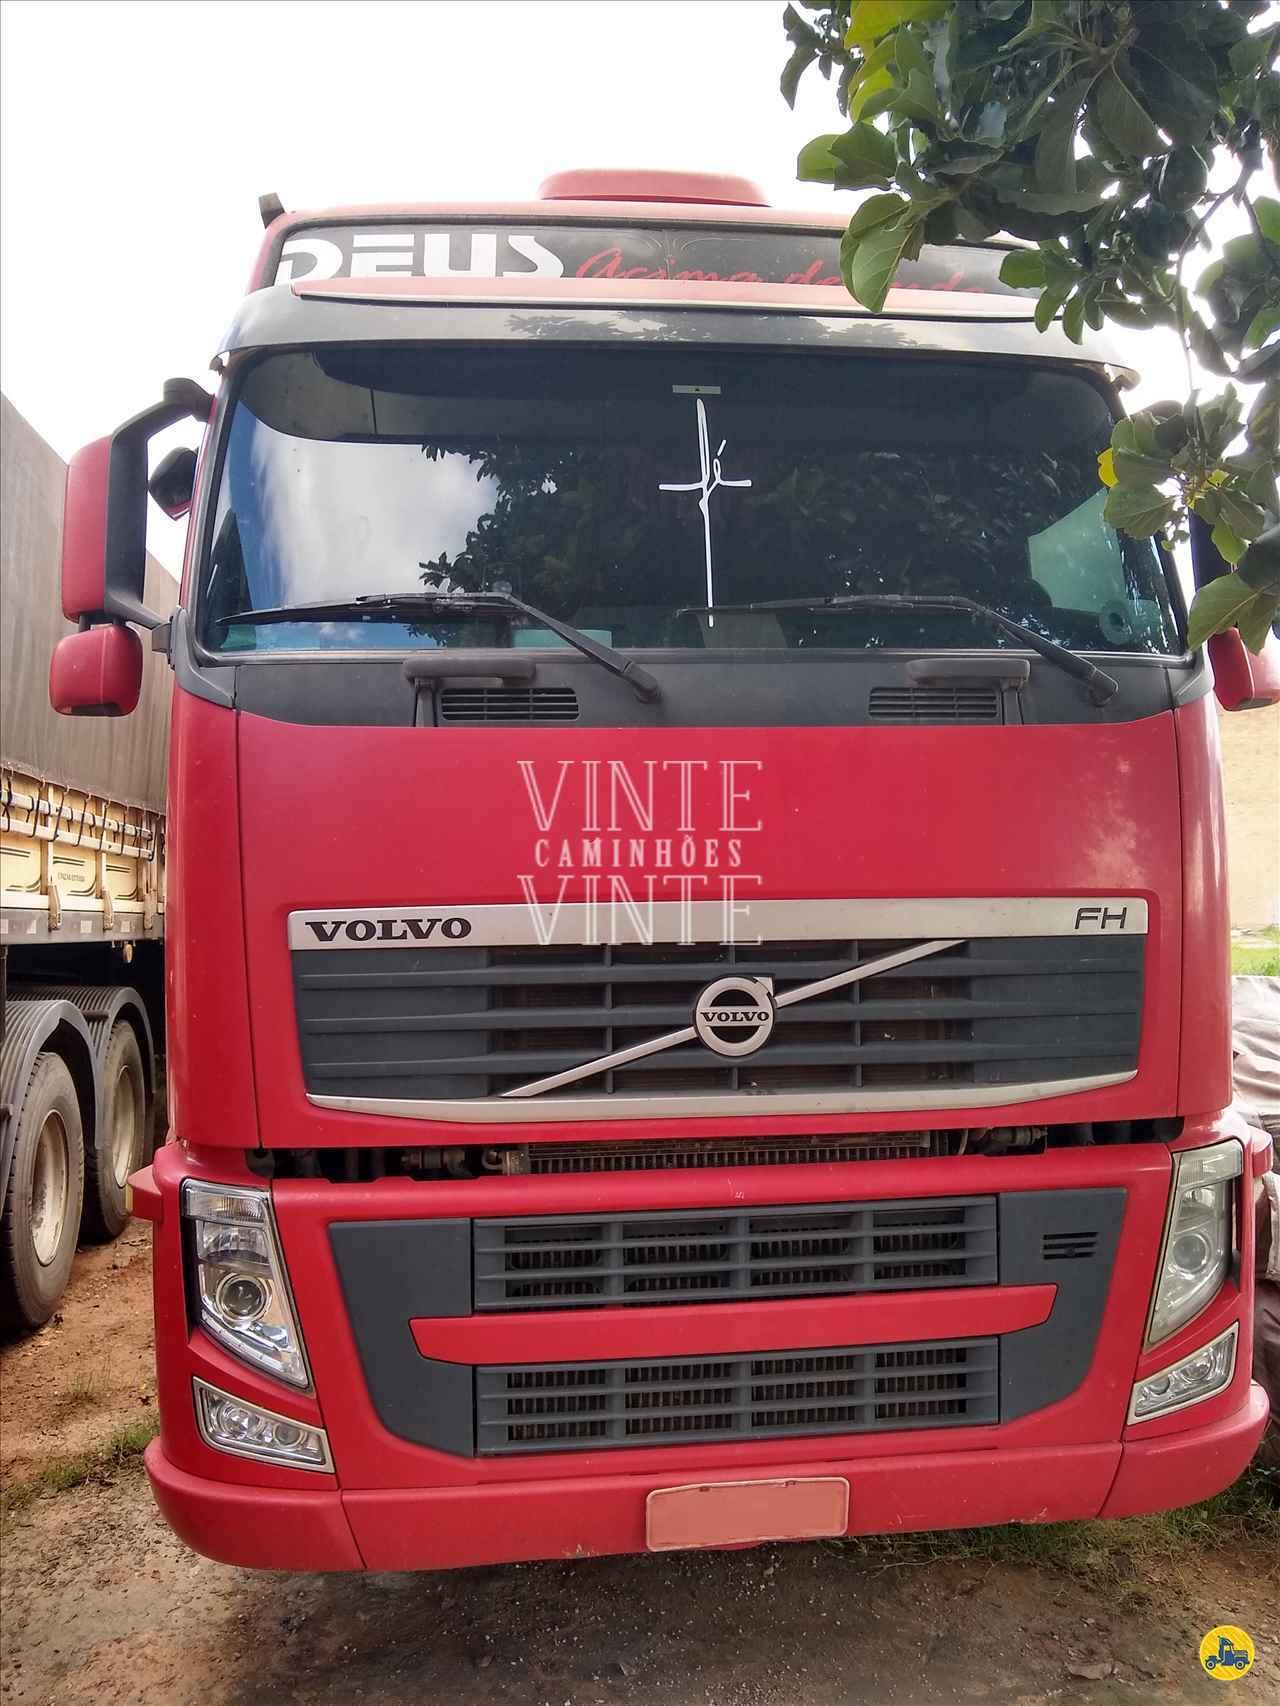 VOLVO VOLVO FH 500 595000km 2013/2013 Vinte-Vinte Caminhões